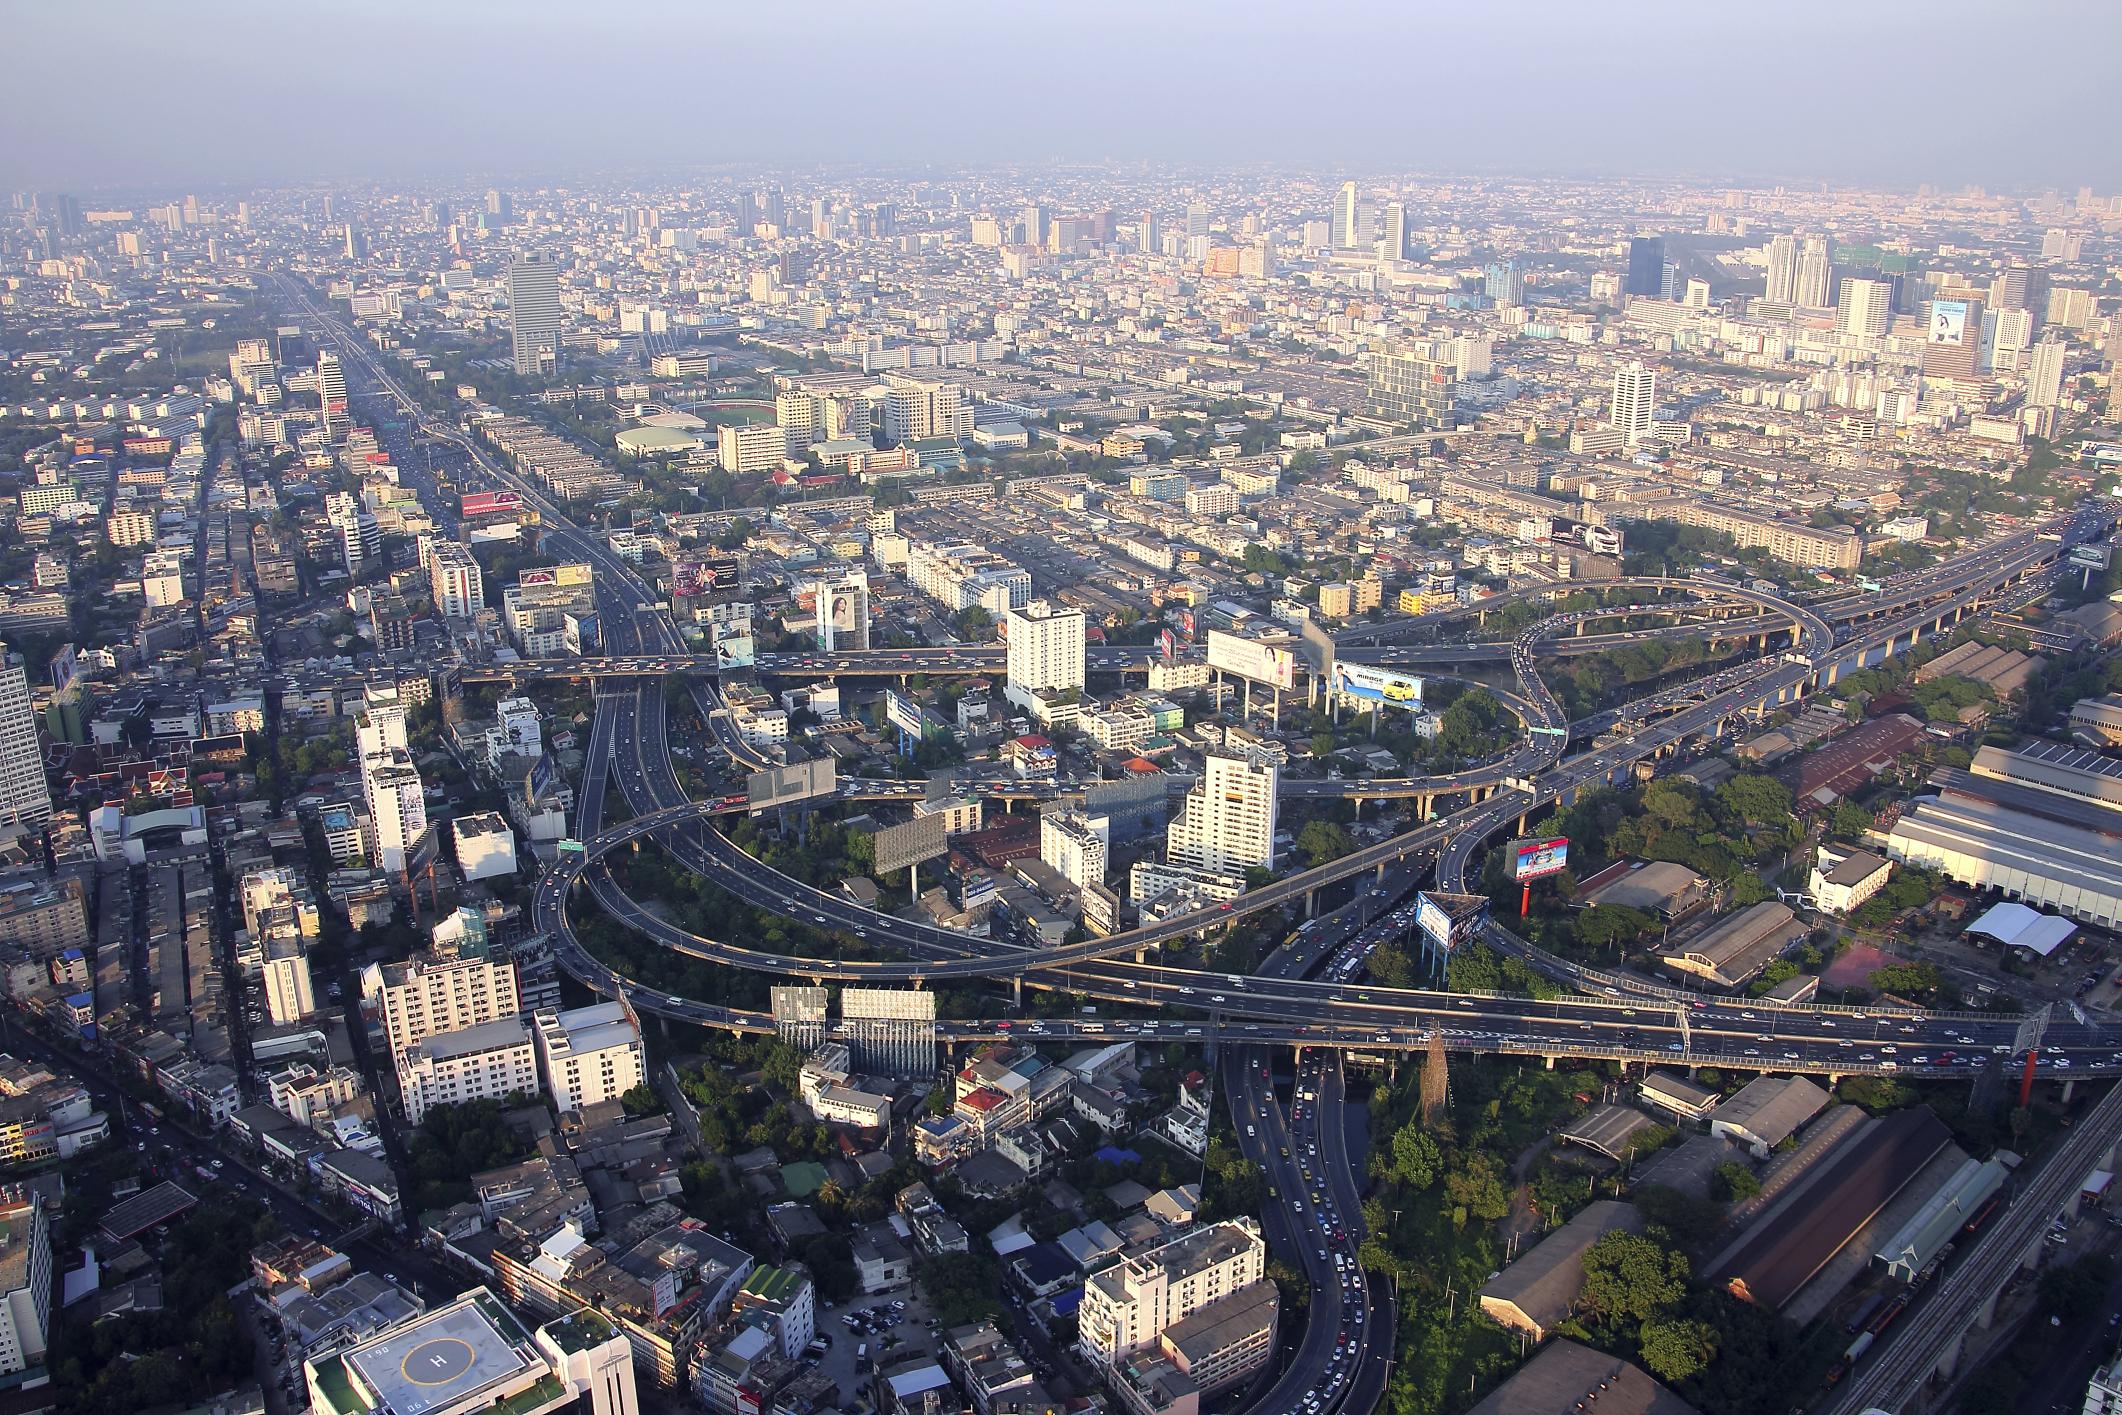 Смотровая площадка башни Байок-2, Бангкок, Таиланд, Азия